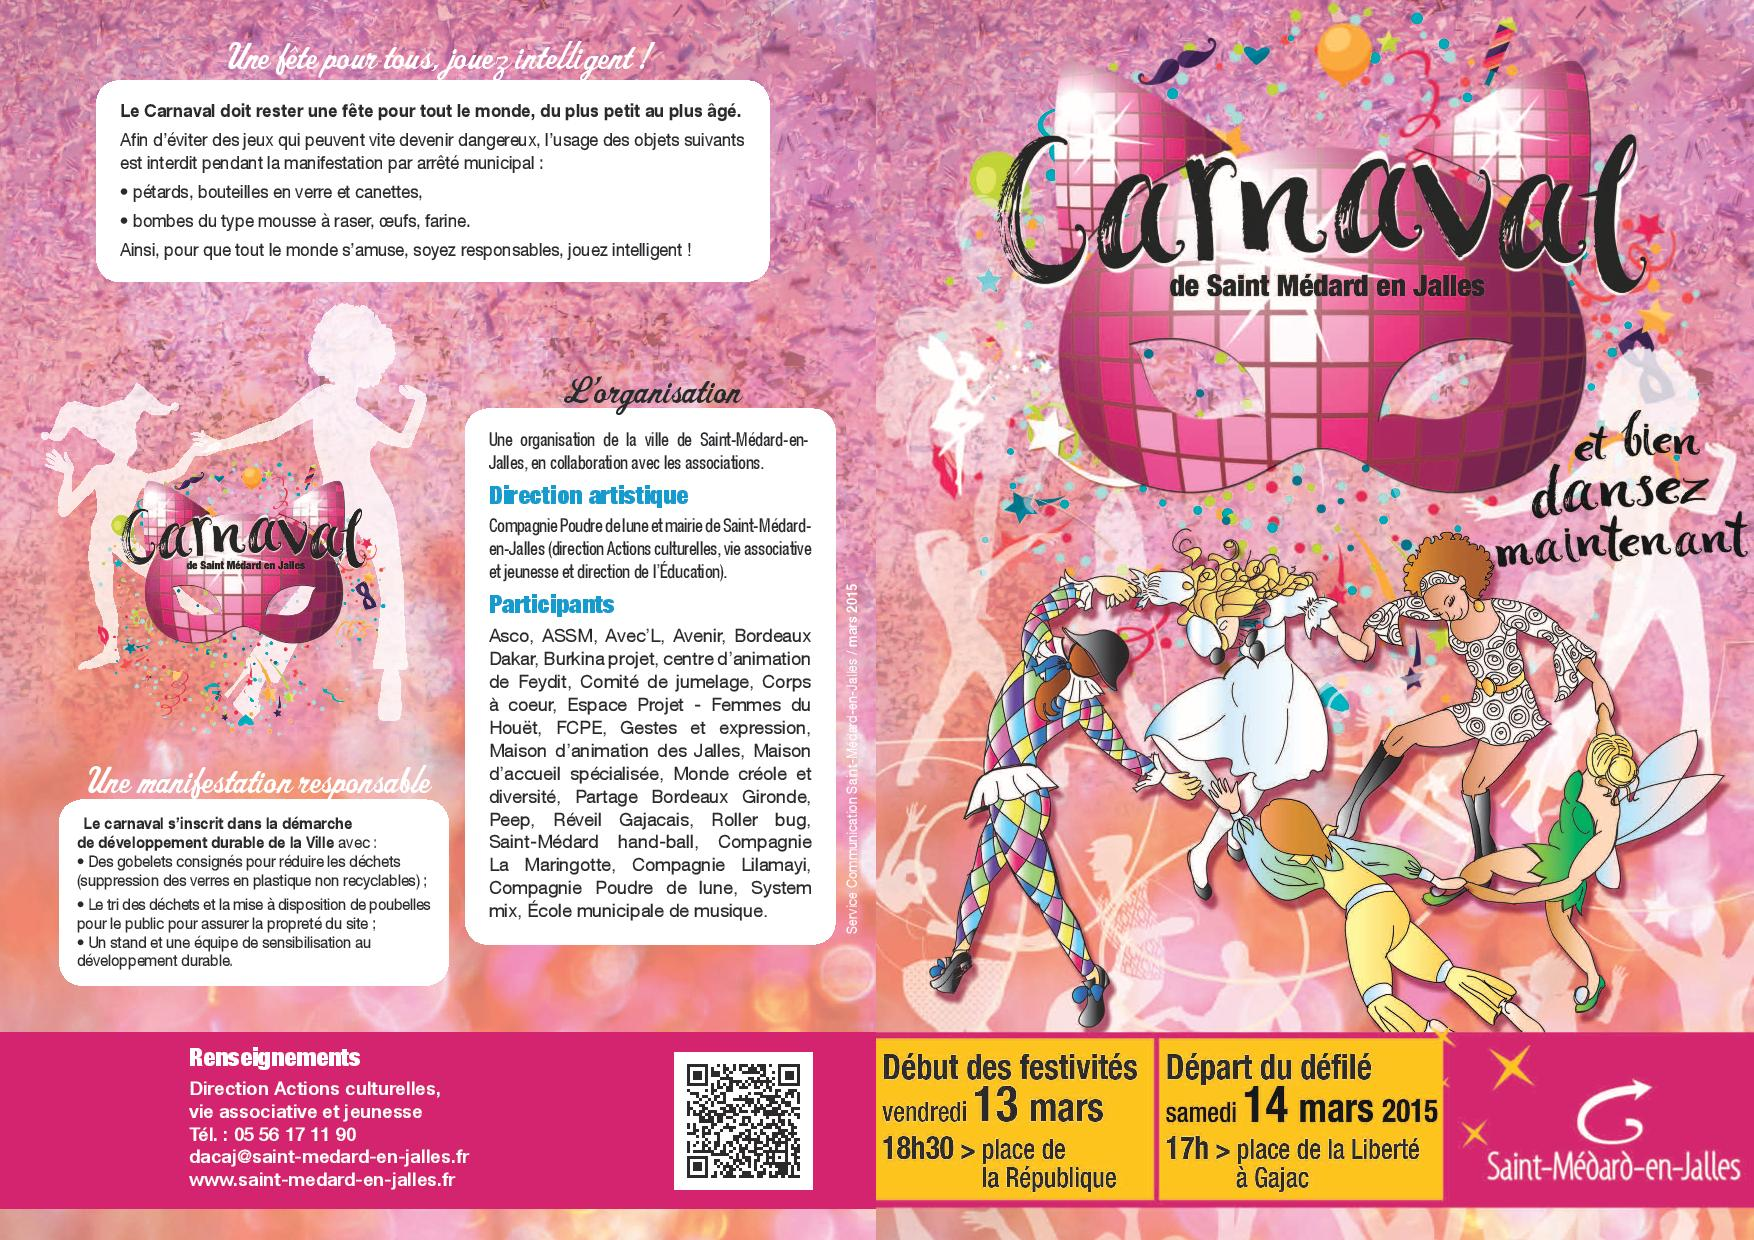 Programme carnaval de Saint Médard en Jalles 2015 (1)